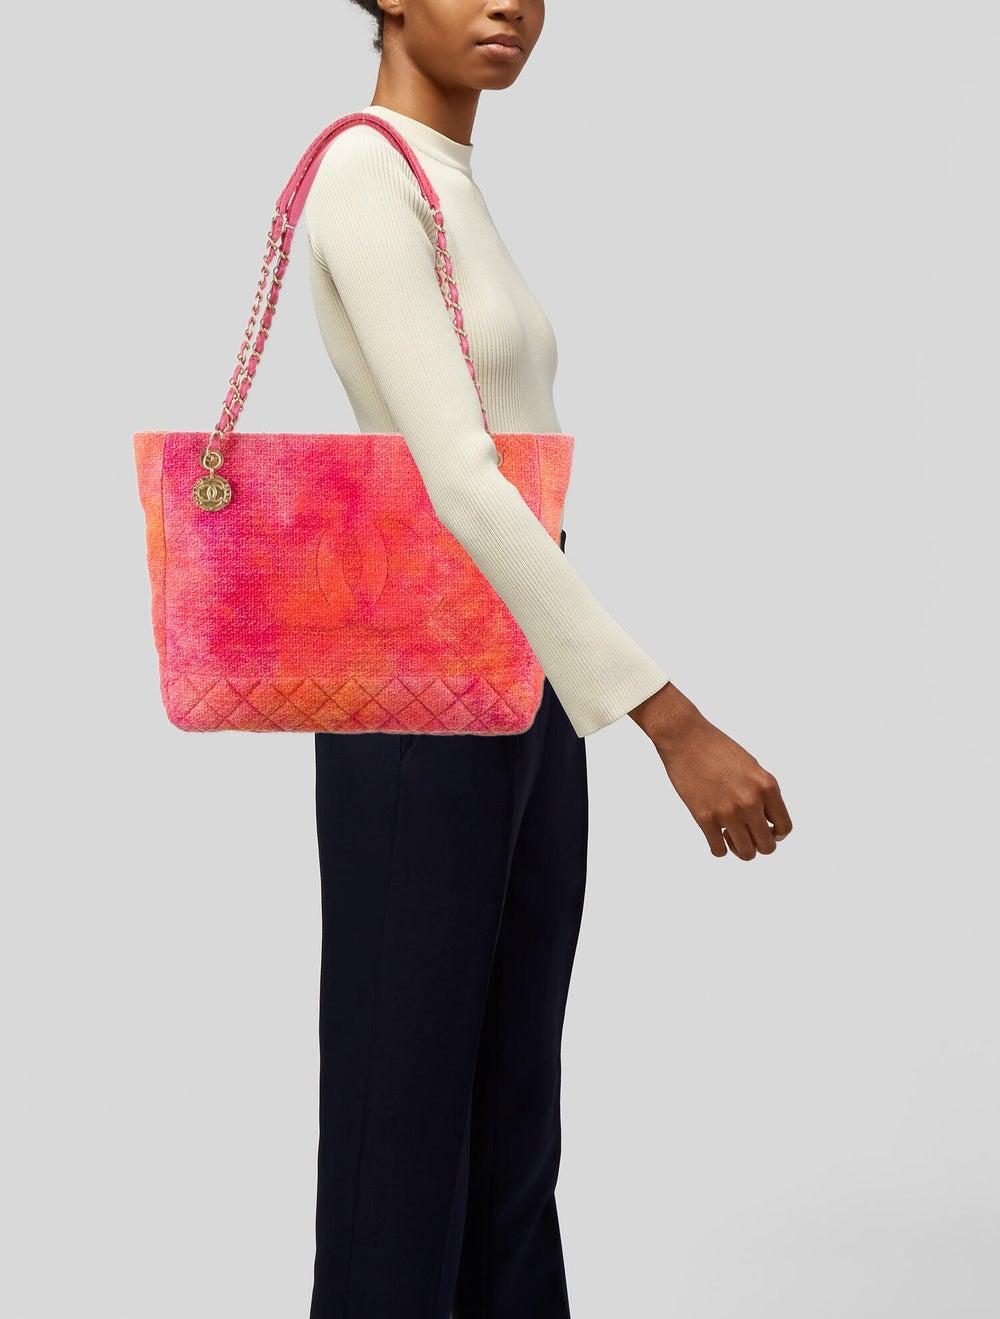 Chanel 2020 Tweed Large Shopping Bag Pink - image 2